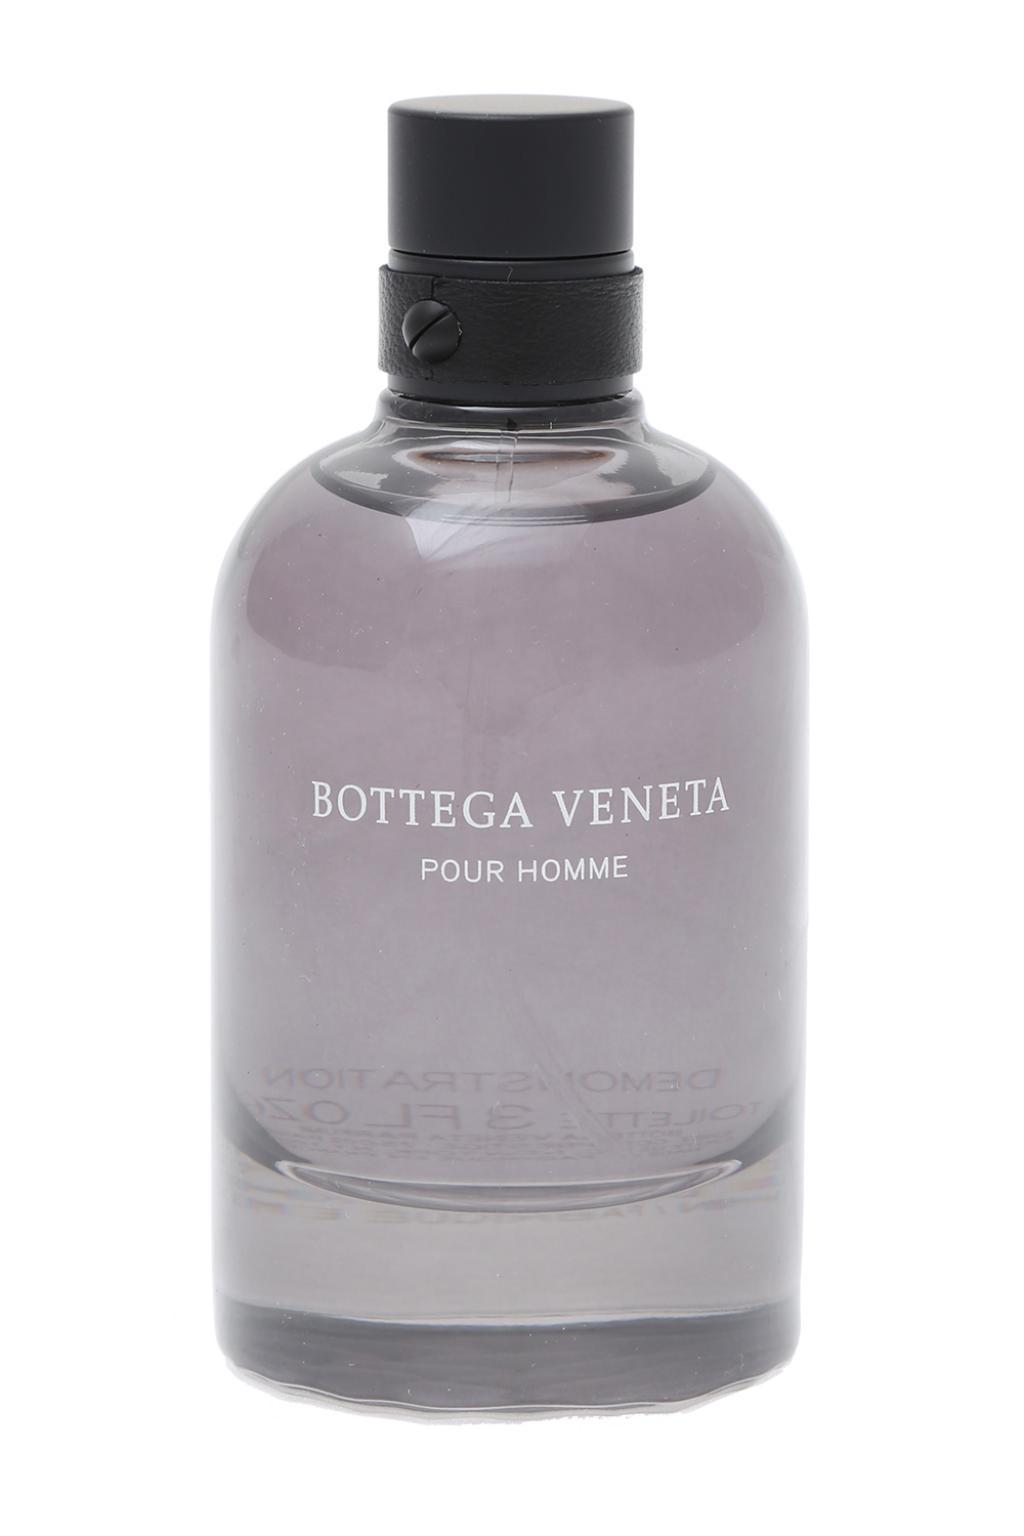 Bottega Veneta Bottega Veneta 'Pour Homme' eau de toilette 90ml